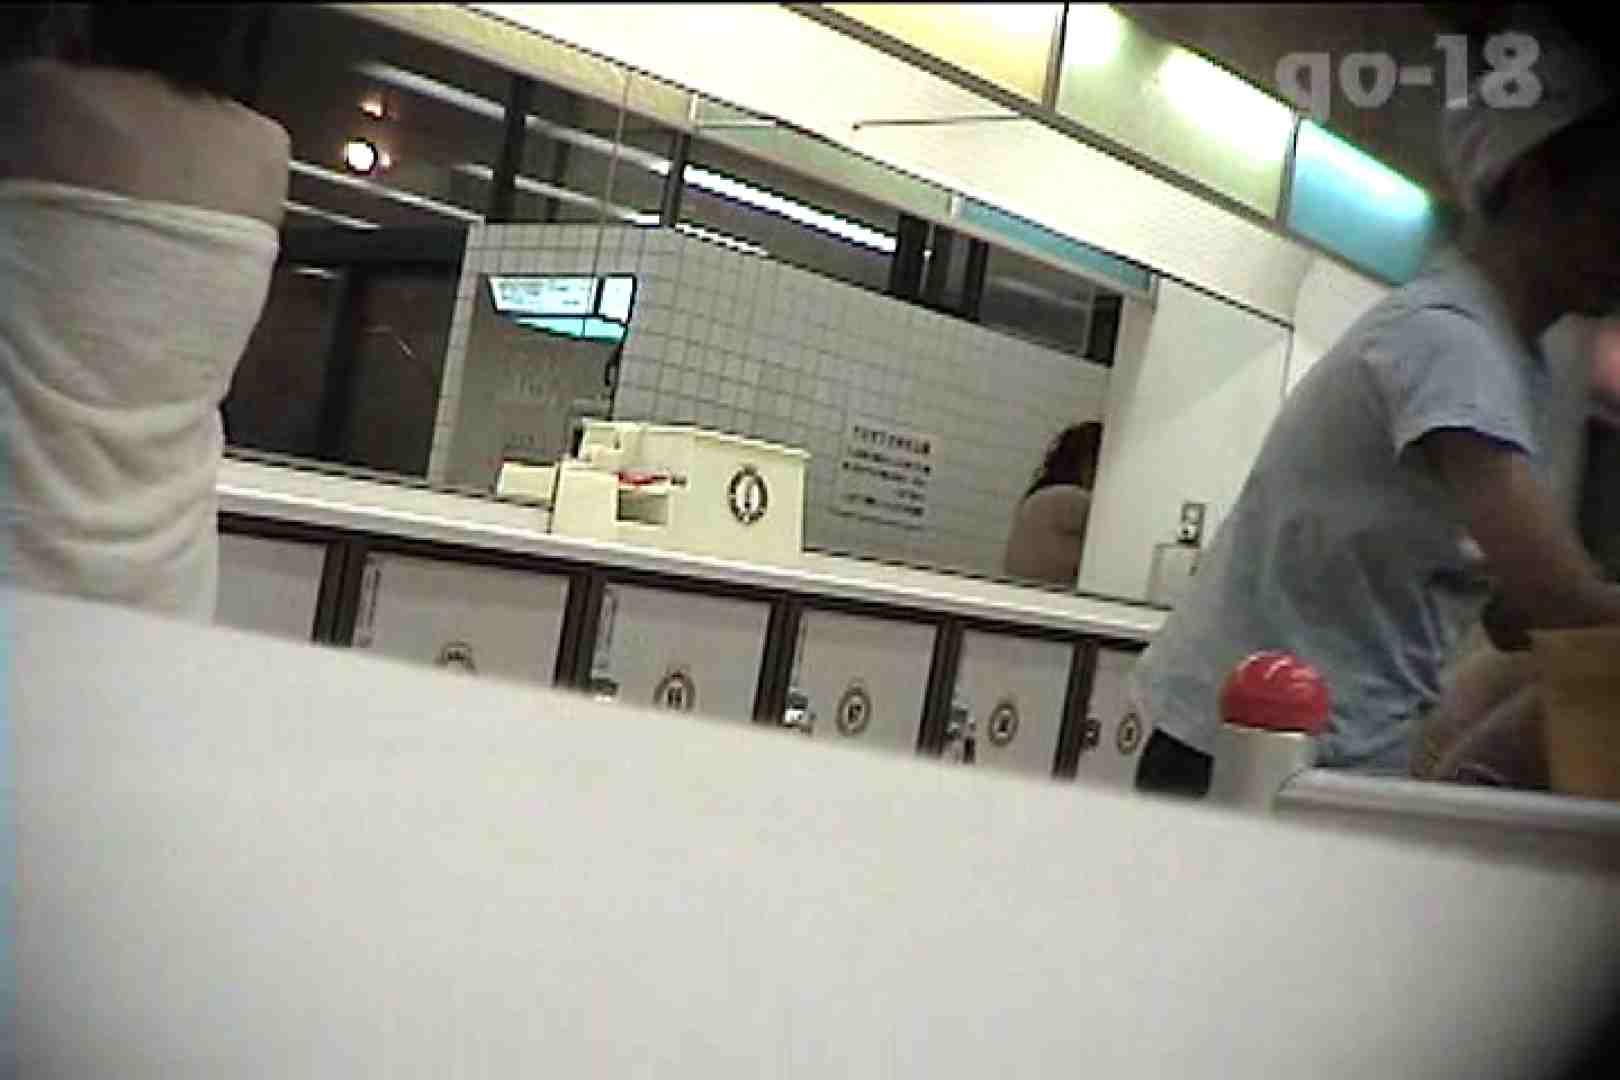 電波カメラ設置浴場からの防HAN映像 Vol.18 アラ30  50PIX 21